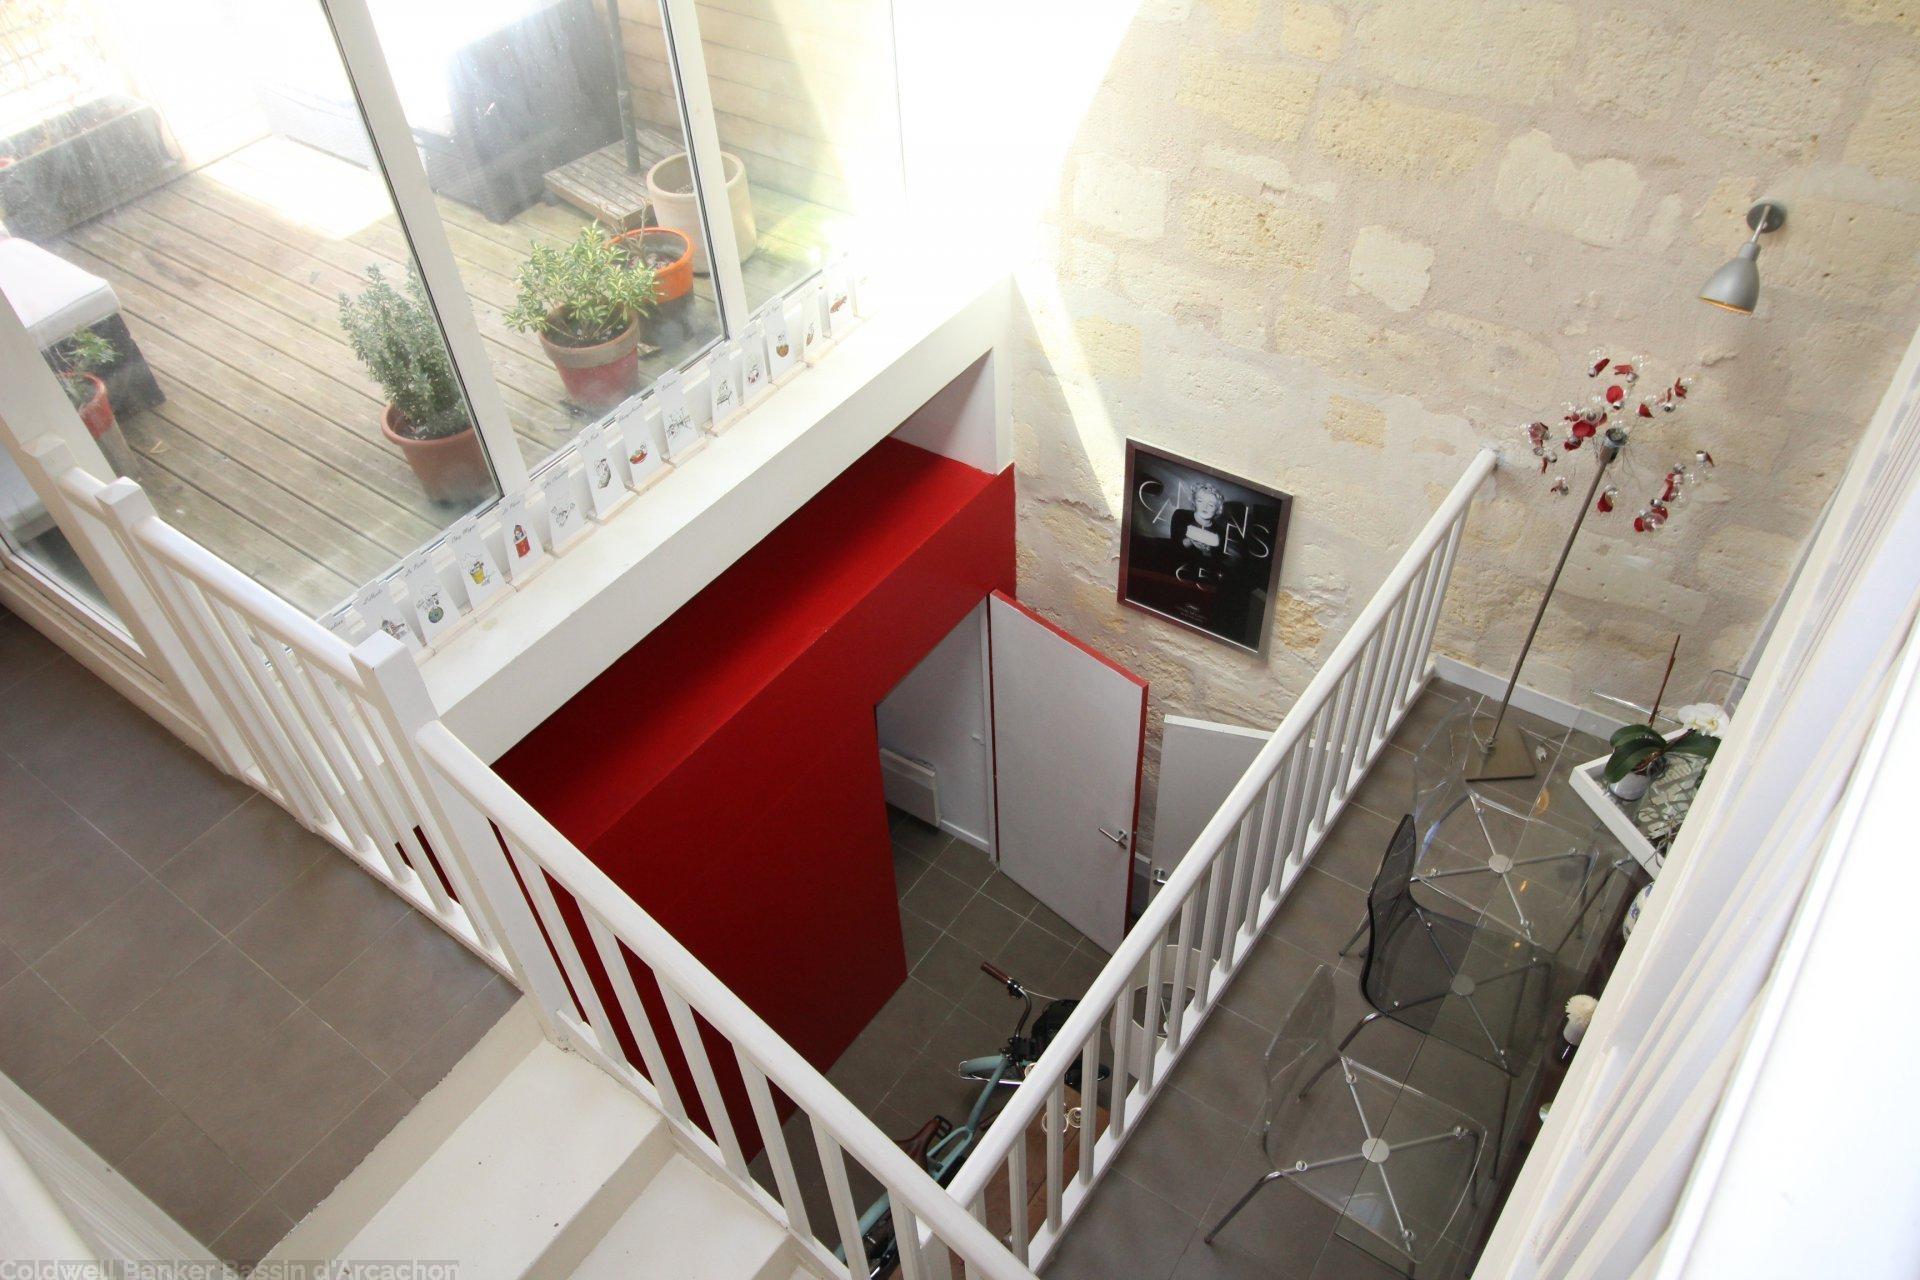 Vente maison villa bordeaux hyper centre maison de ville for Appartement location bordeaux centre ville